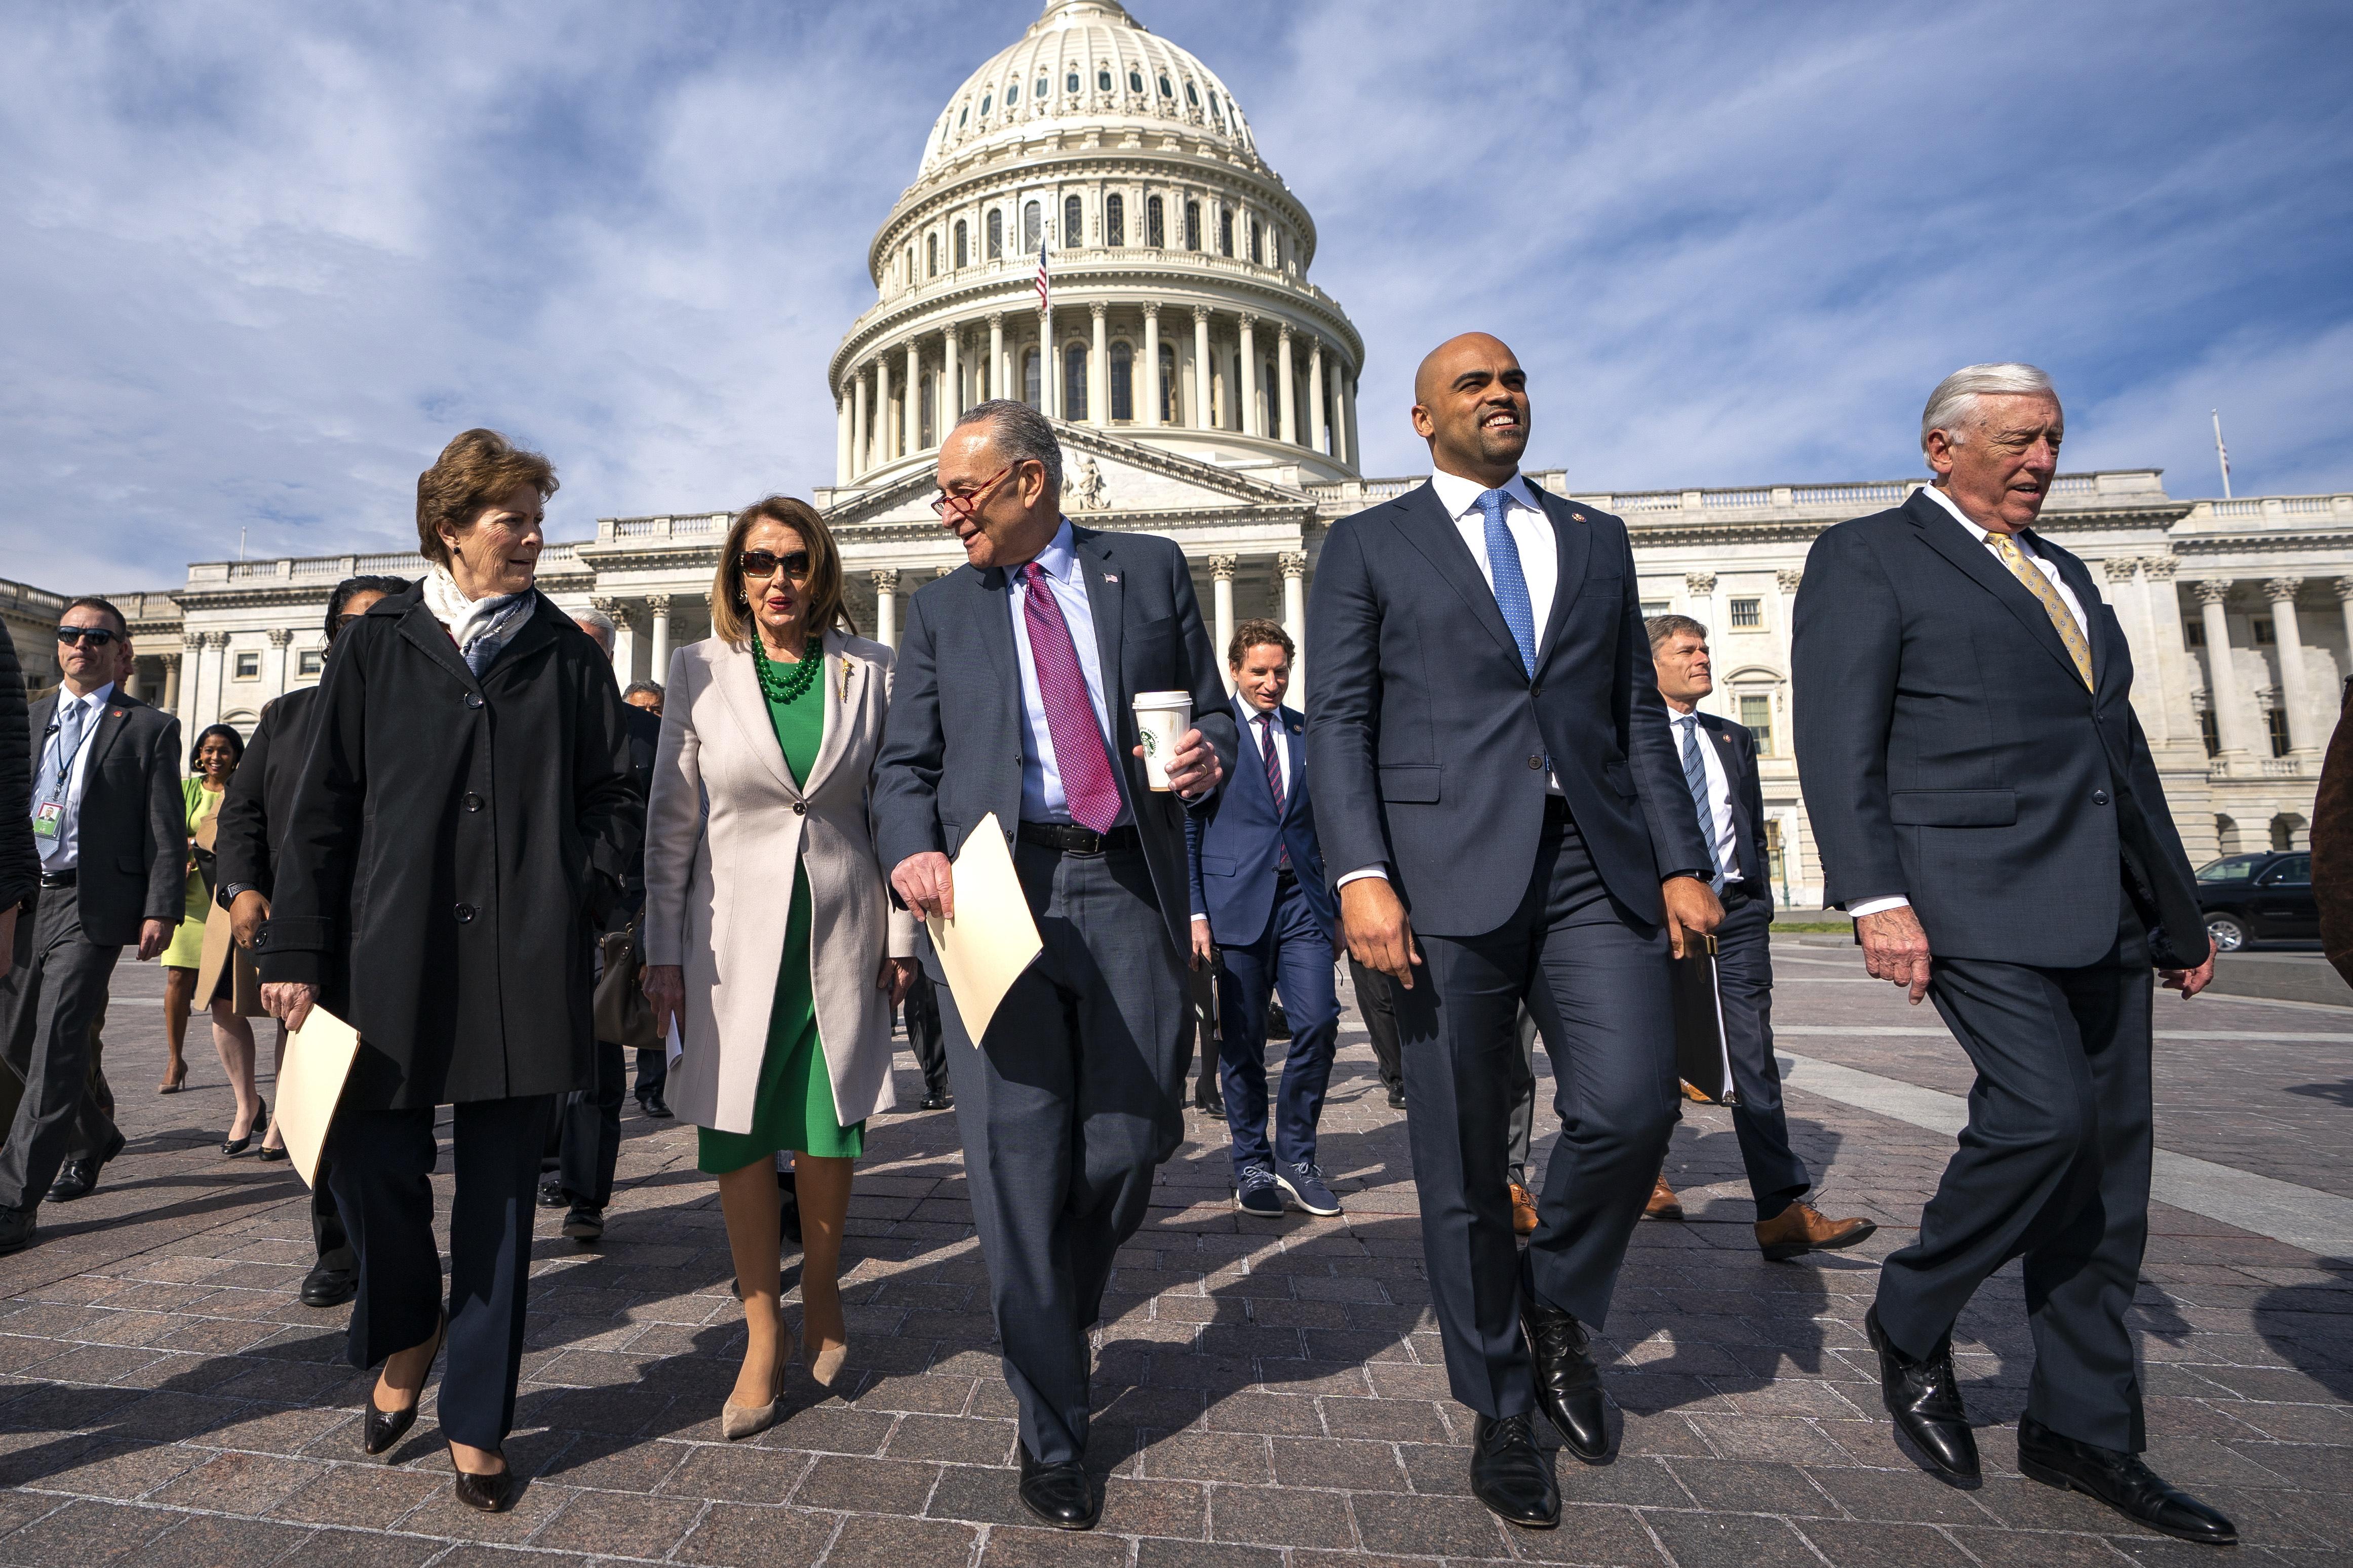 egklovismeno-to-kogkreso-stin-politiki-antiparathesi-gia-to-obamacare0